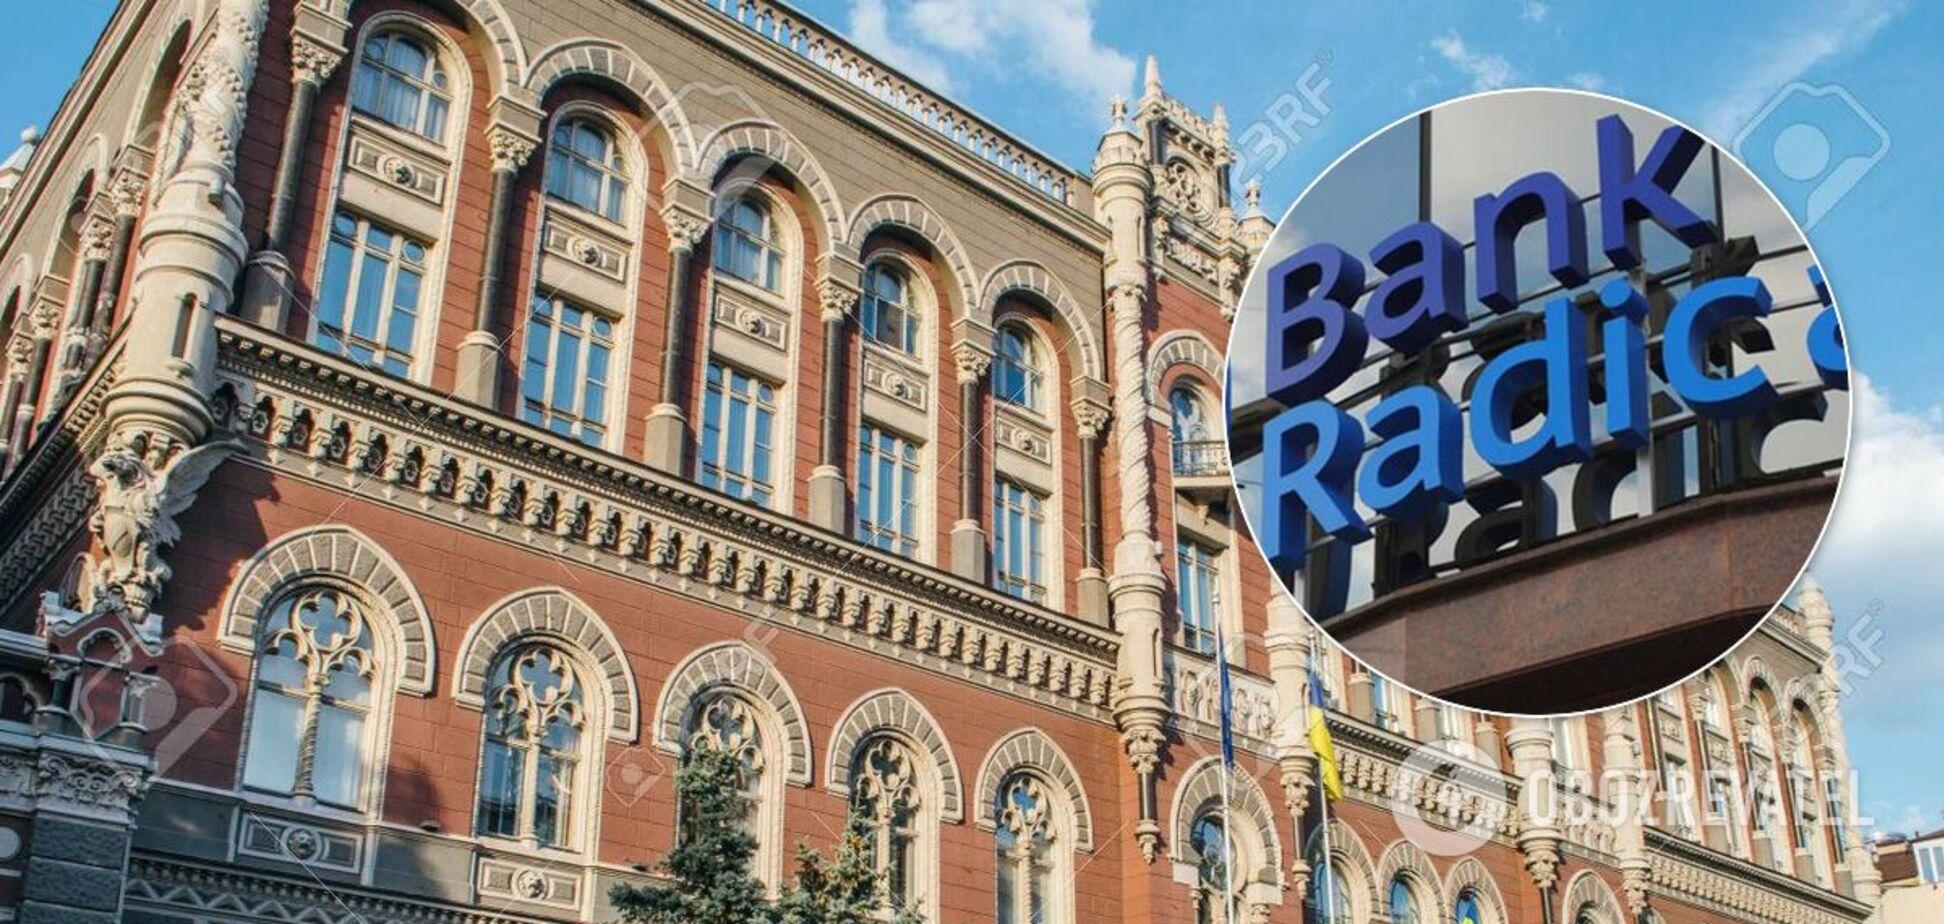 НБУ обязали выплатить 130 млн грн банку, который связывают с семьей Януковича